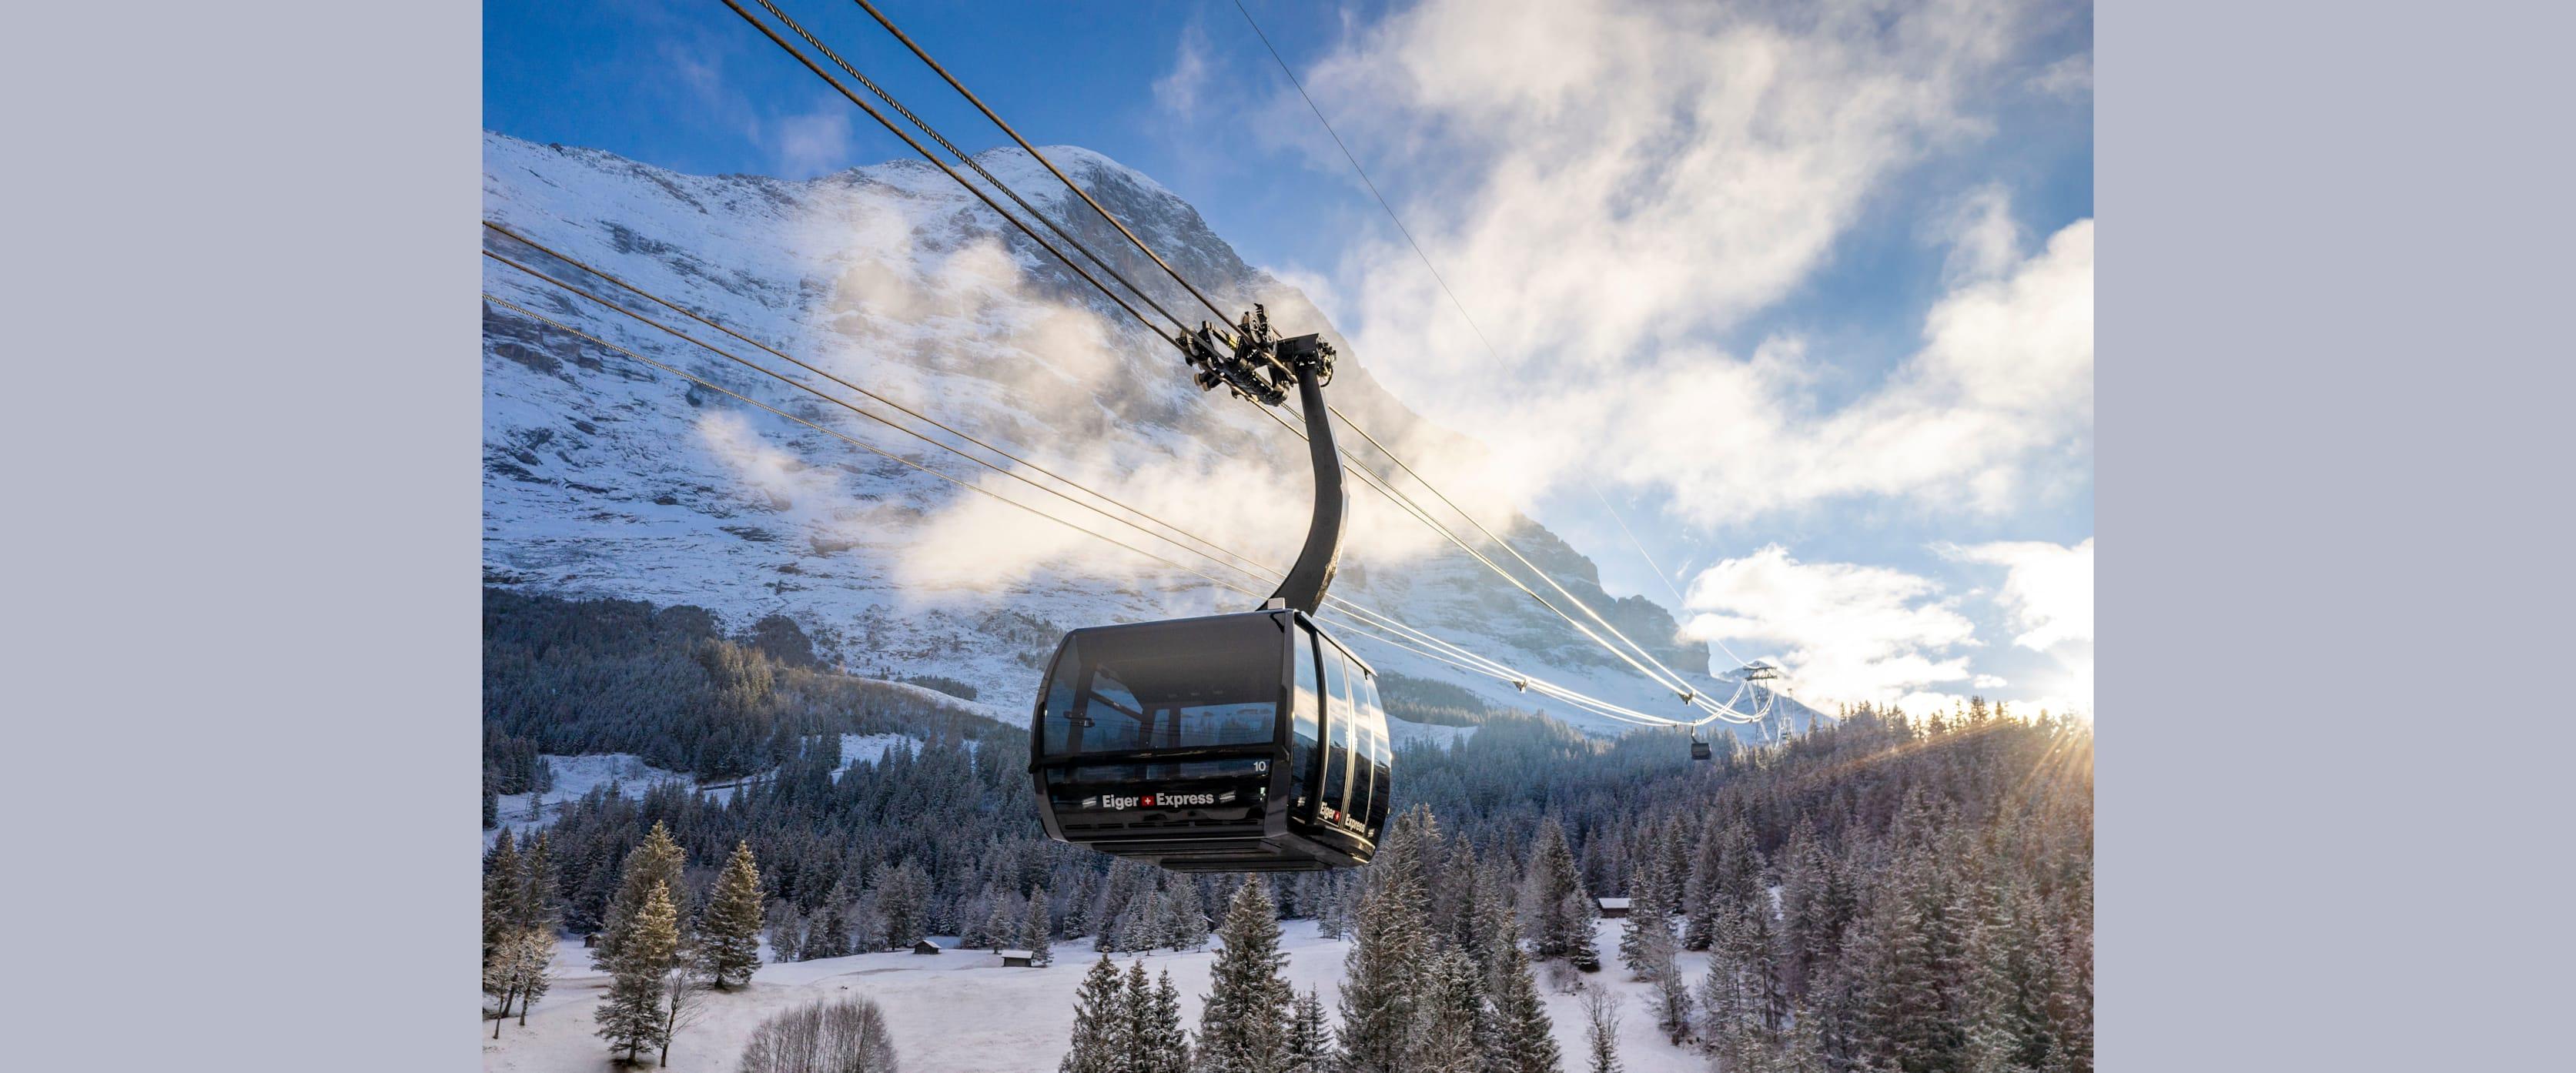 Eiger Express Grindelwald Eigernordwand Nahansicht Winter kl